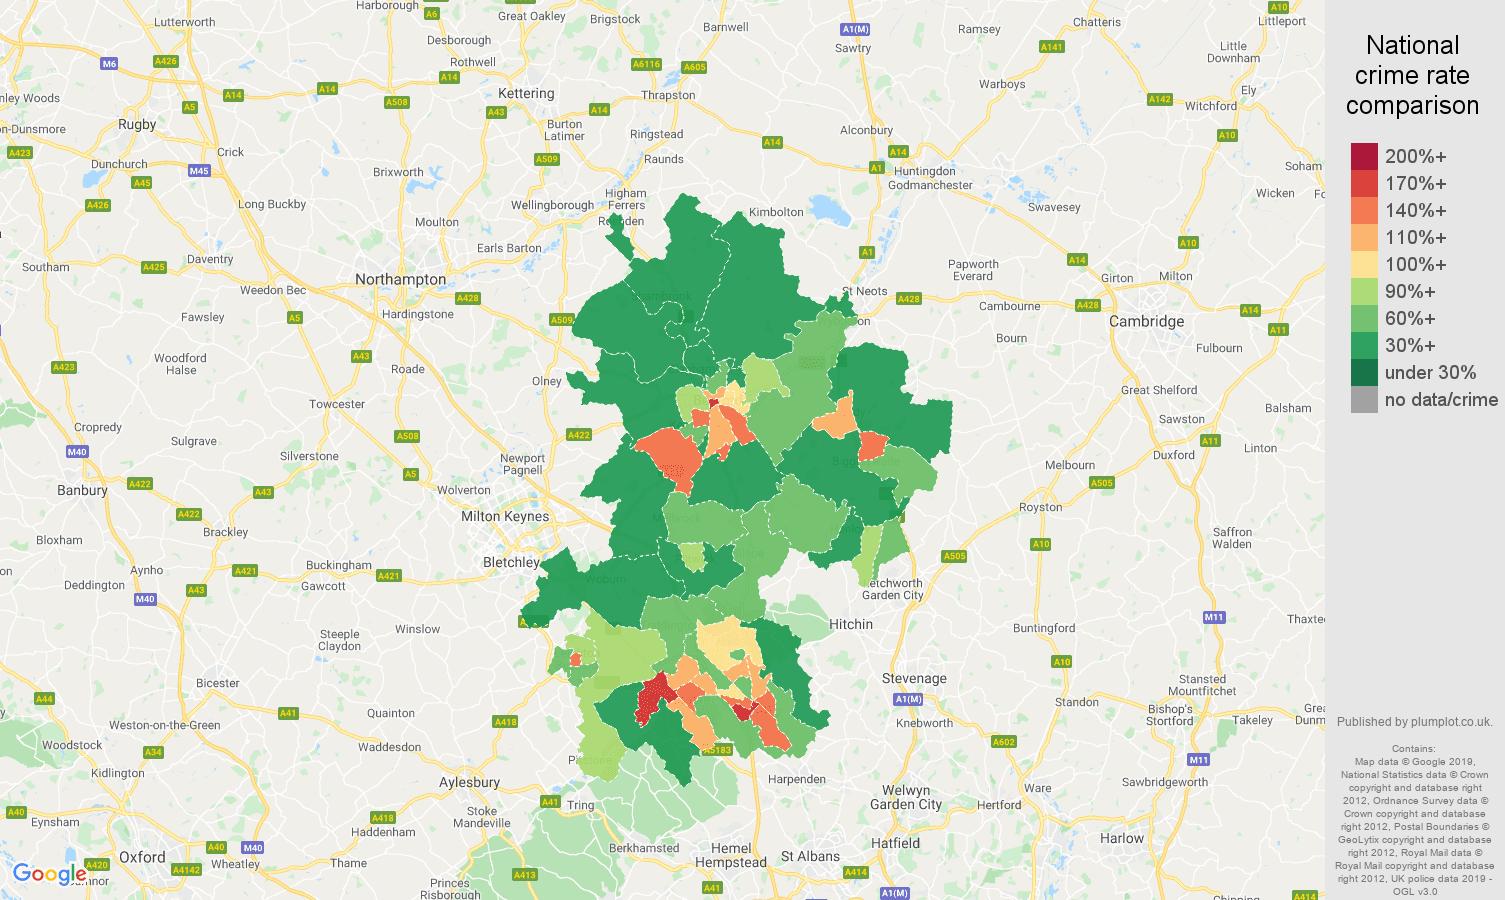 Bedfordshire public order crime rate comparison map